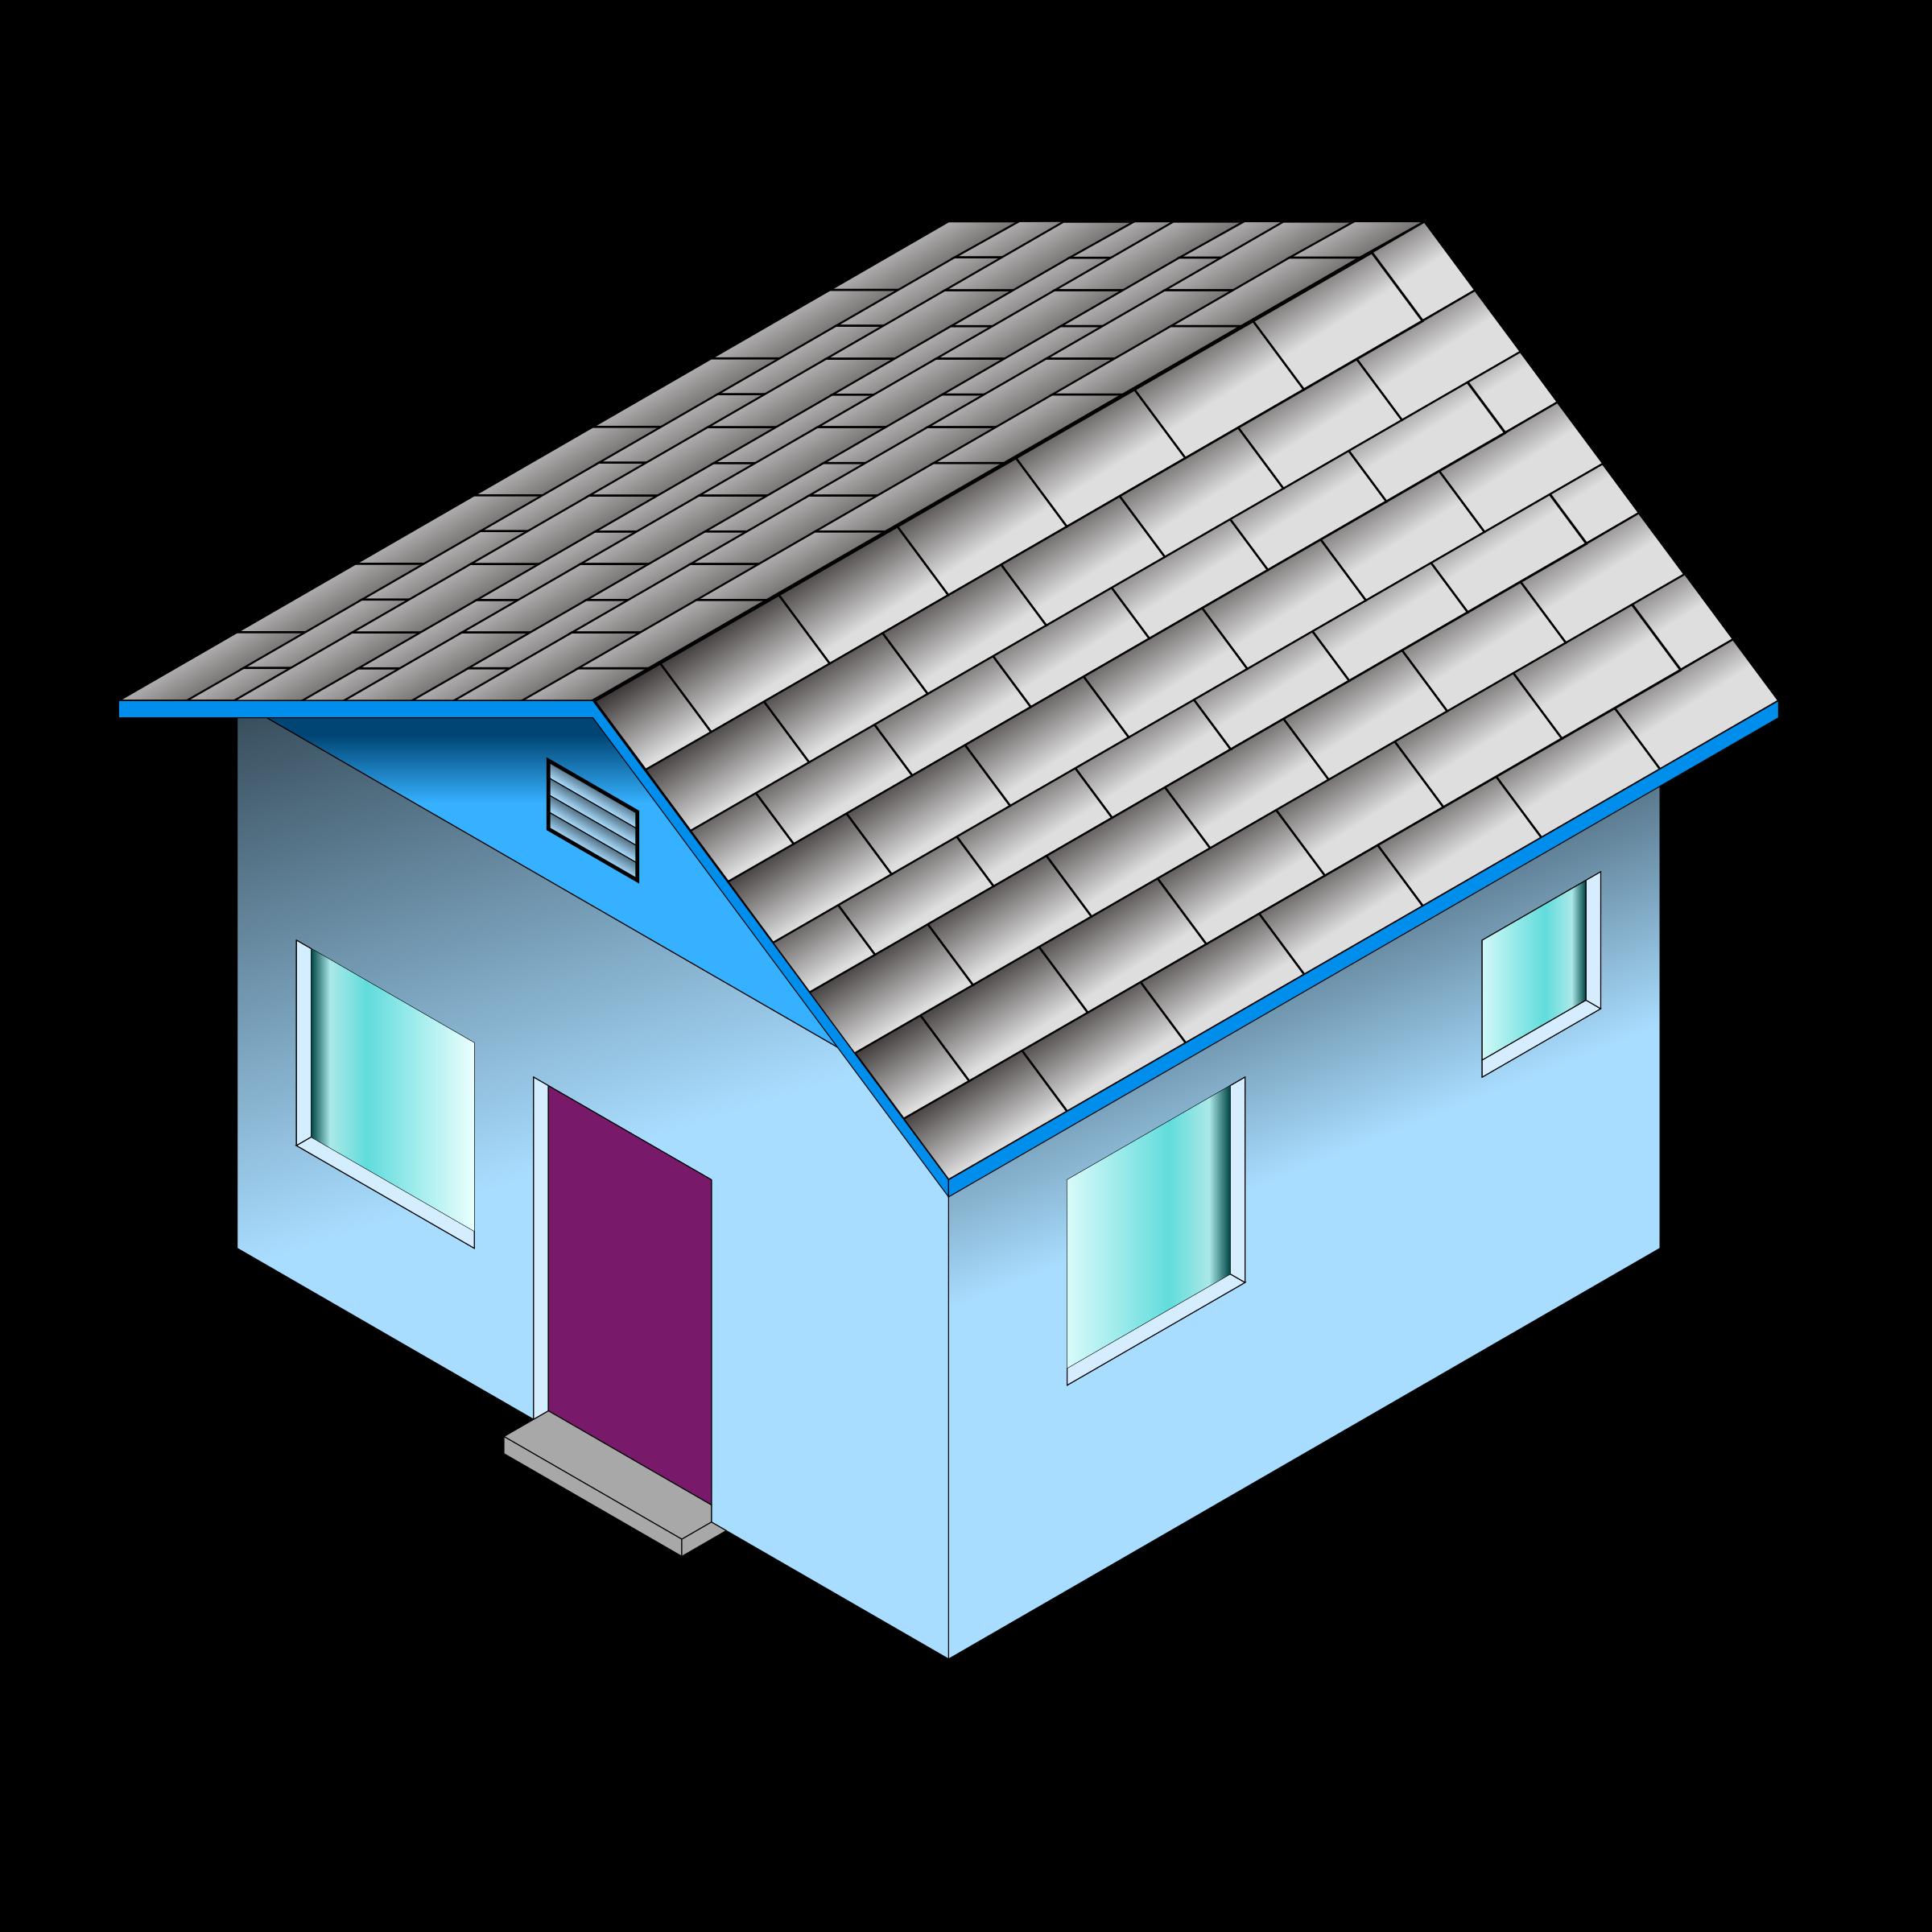 Blue house clipart clip art transparent Clipart - Small Blue House clip art transparent